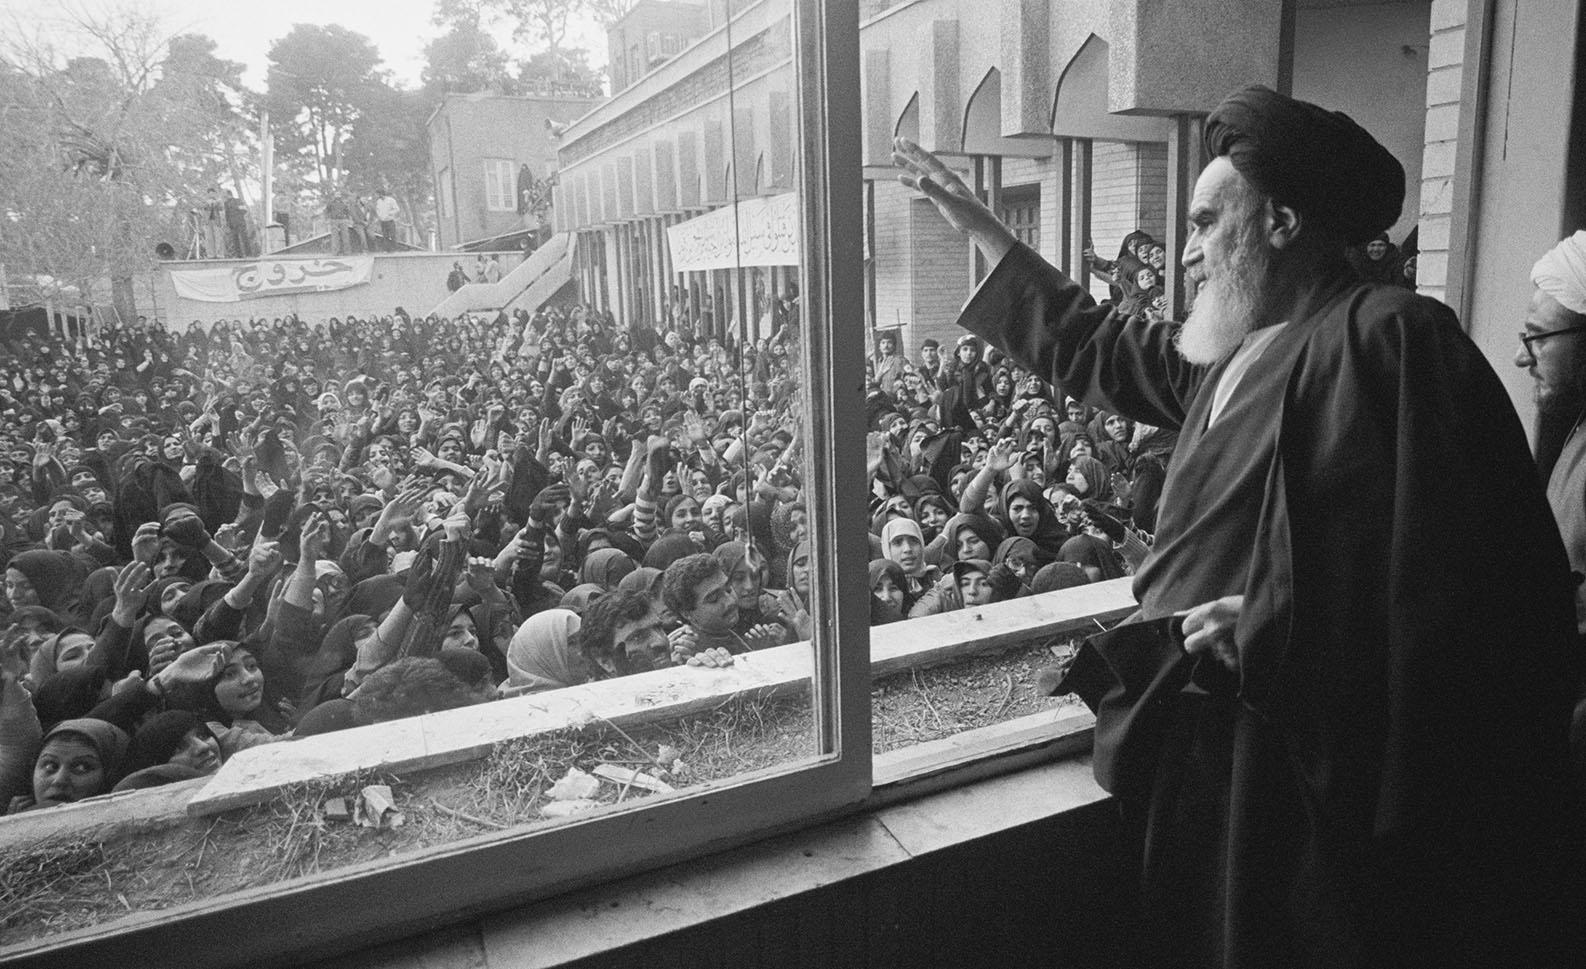 Febrero 1979. A su regreso a Irán, el ayatolá Jomeini saluda a la multitud en la Universidad de Teherán tras su exilio en Francia. Se establece la República Islámica. / ALAIN DEJEAN (SYGMA-CORBIS-CORDON PRESS)